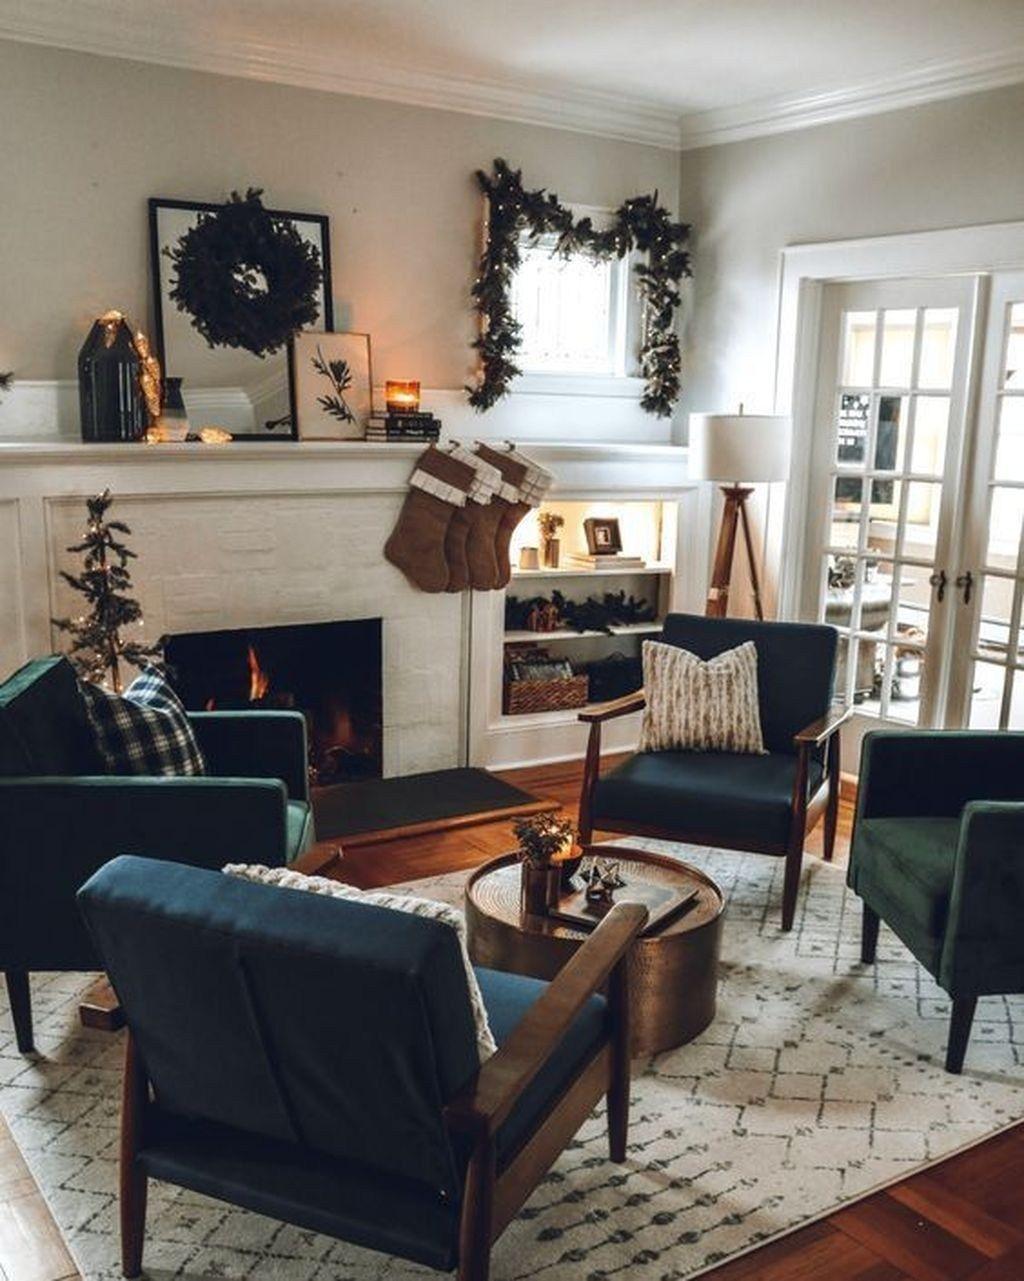 35+ rustic traditional living room design ideas - home decor & design (görüntüler ile)